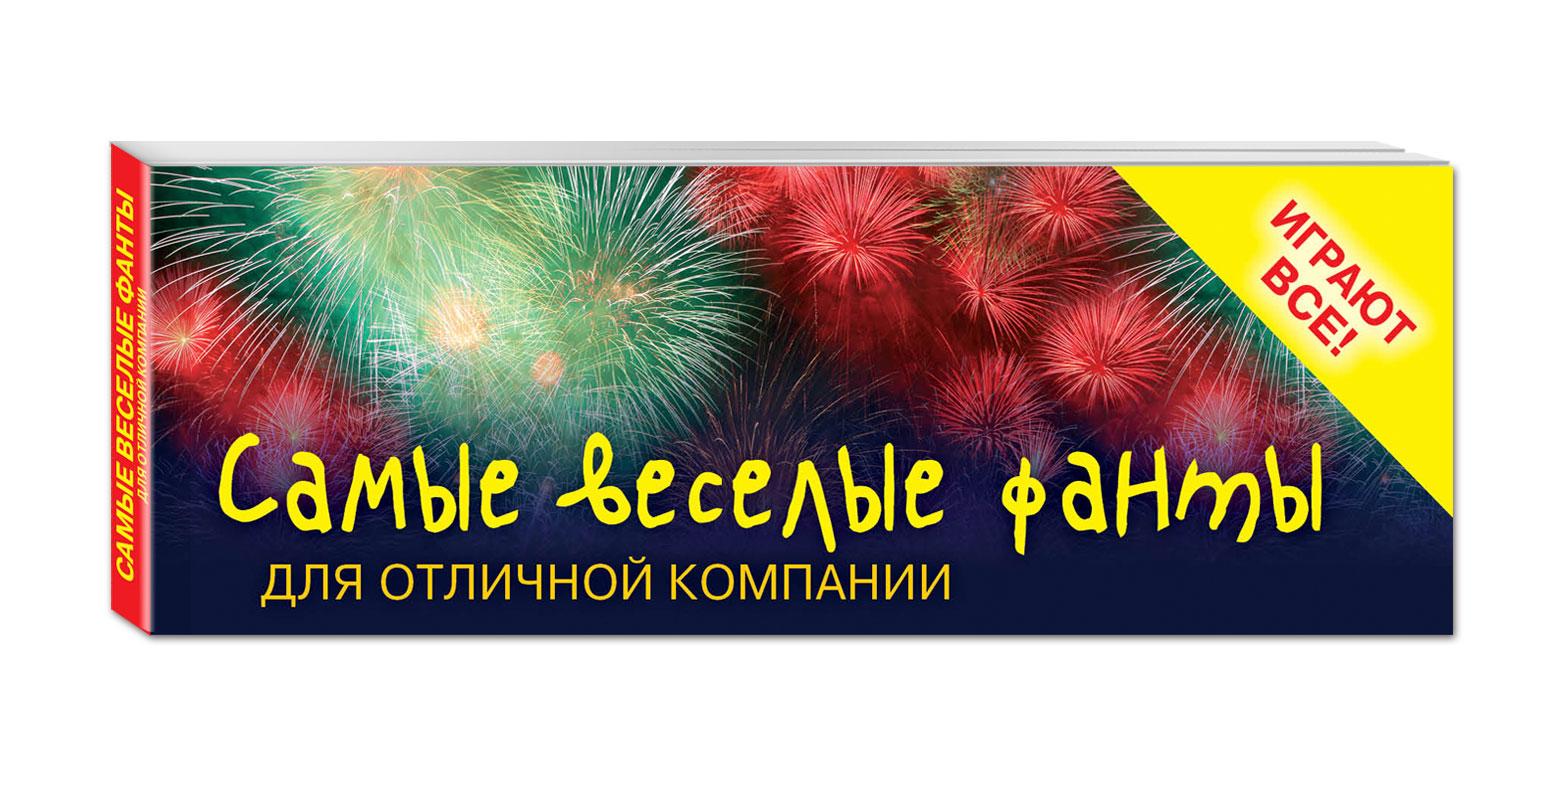 Самые веселые фанты для отличной компании ( Киселева Э., Невоструева Ю.С.  )